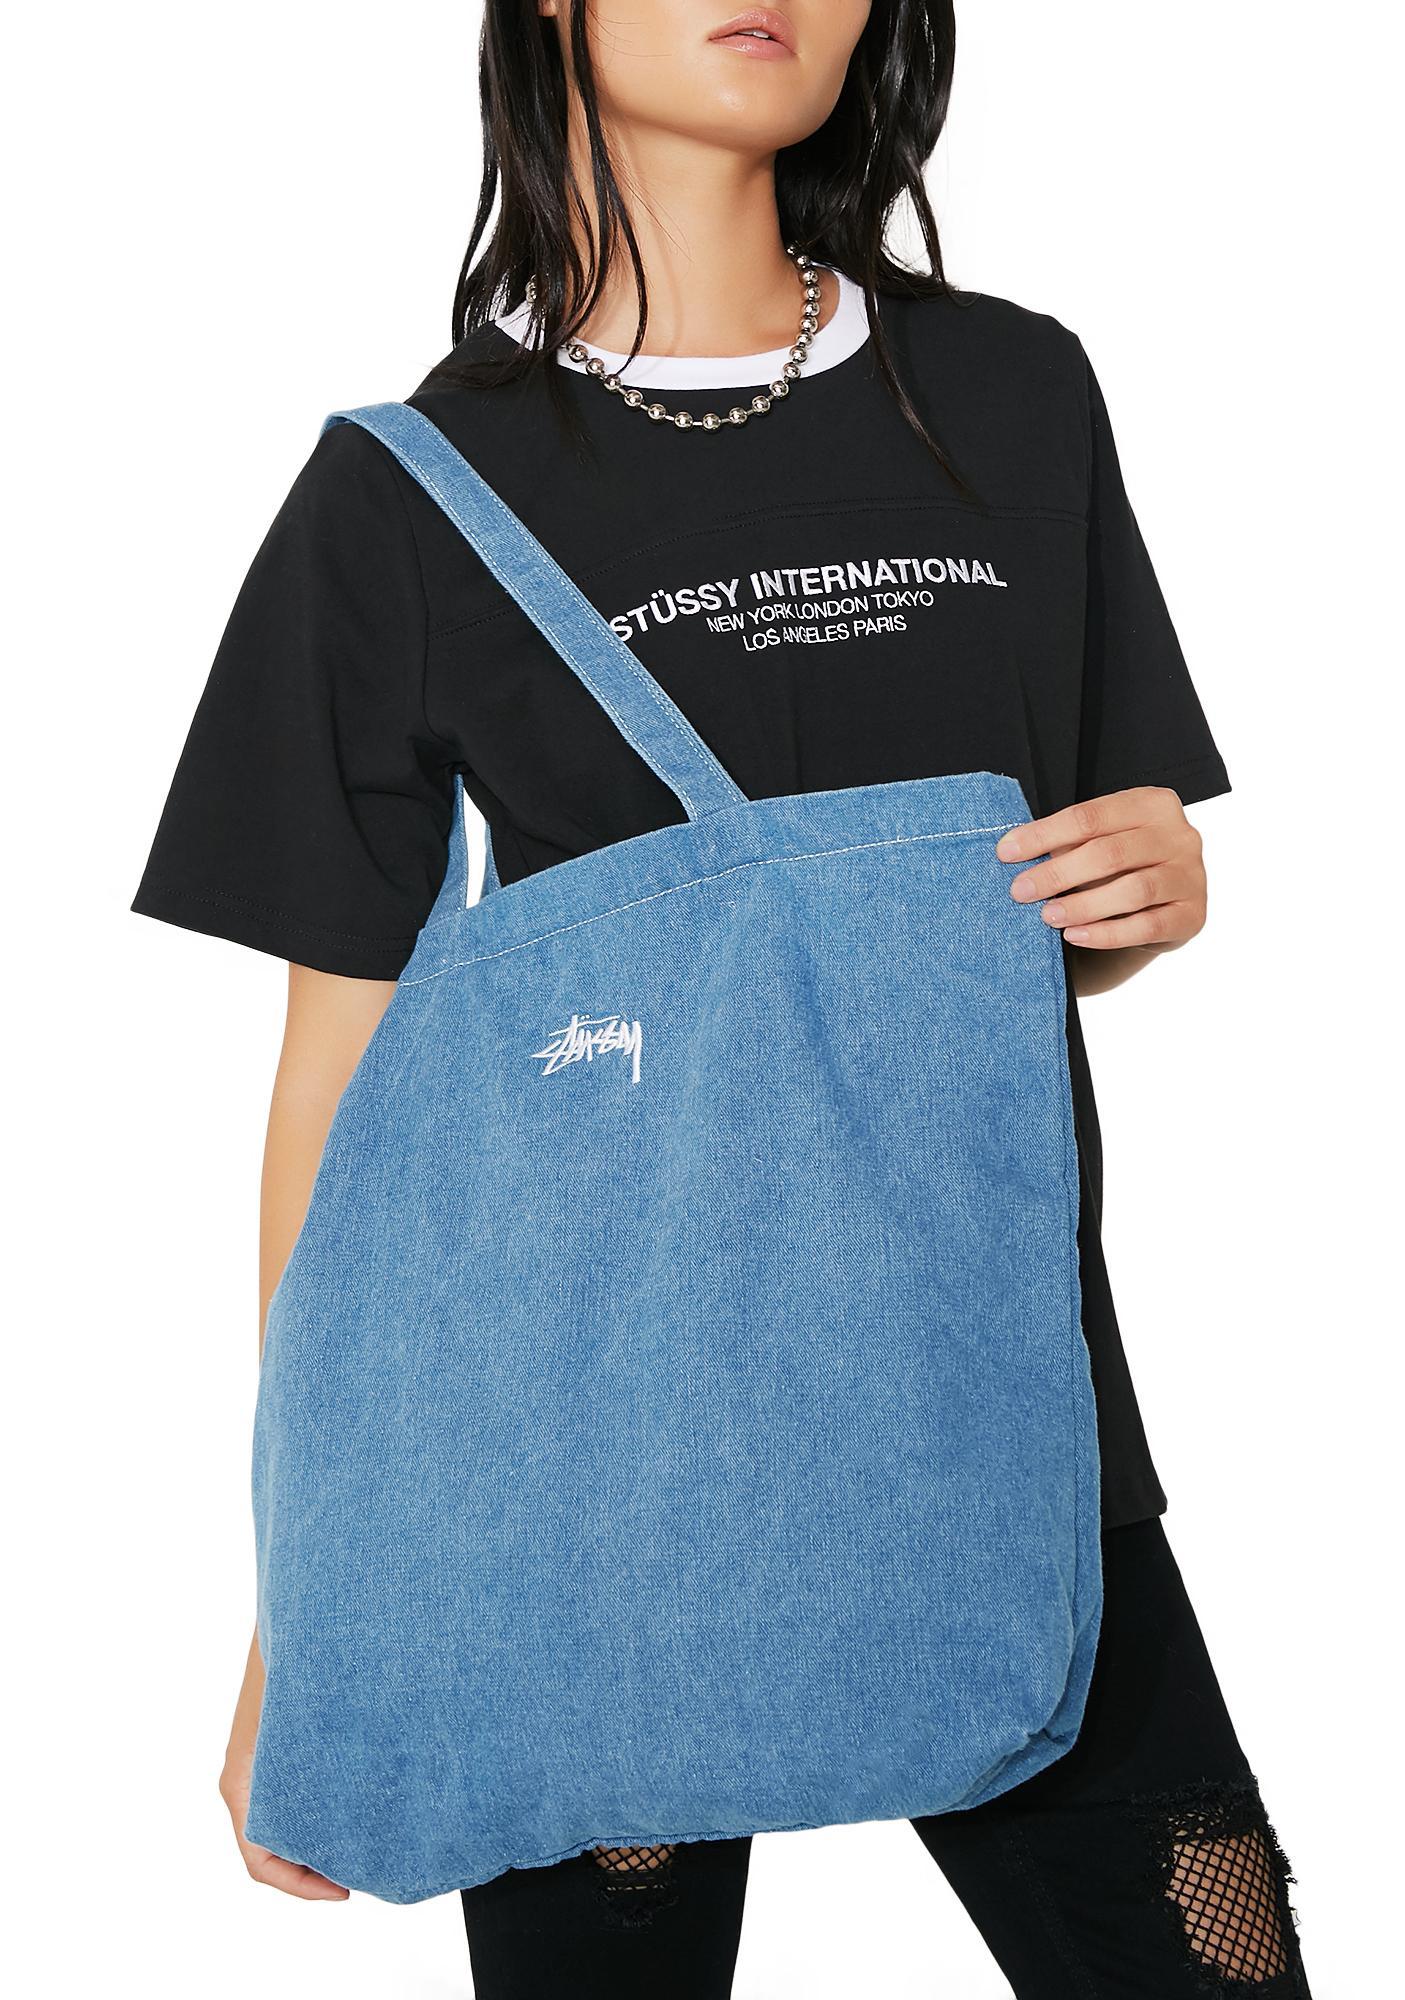 Stussy Vernon Tote Bag